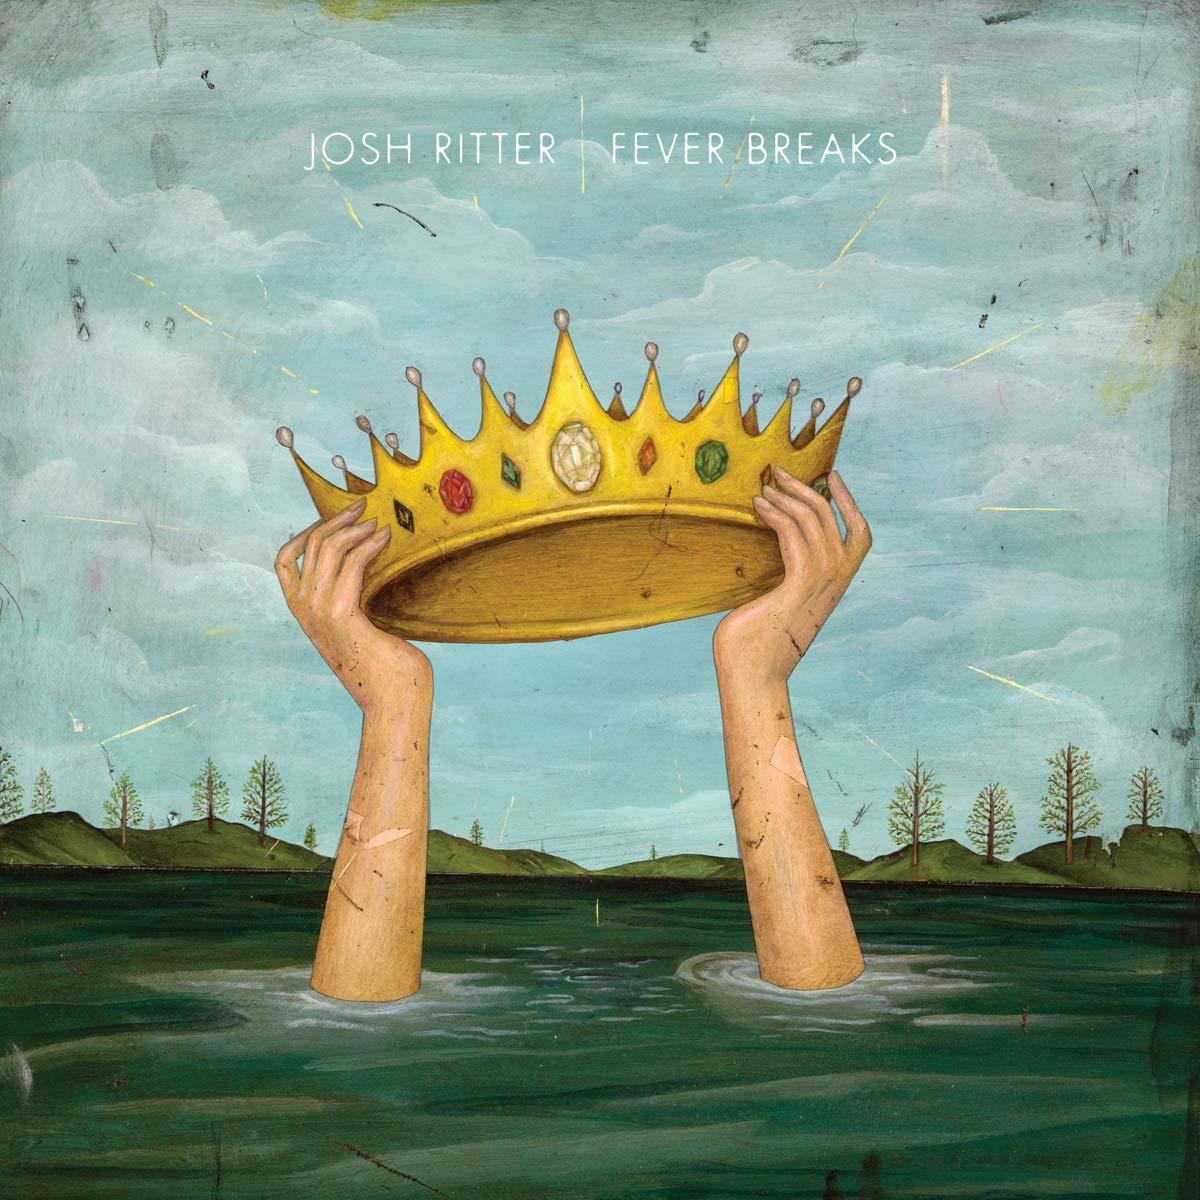 Josh Ritter – Fever Breaks (cover art)